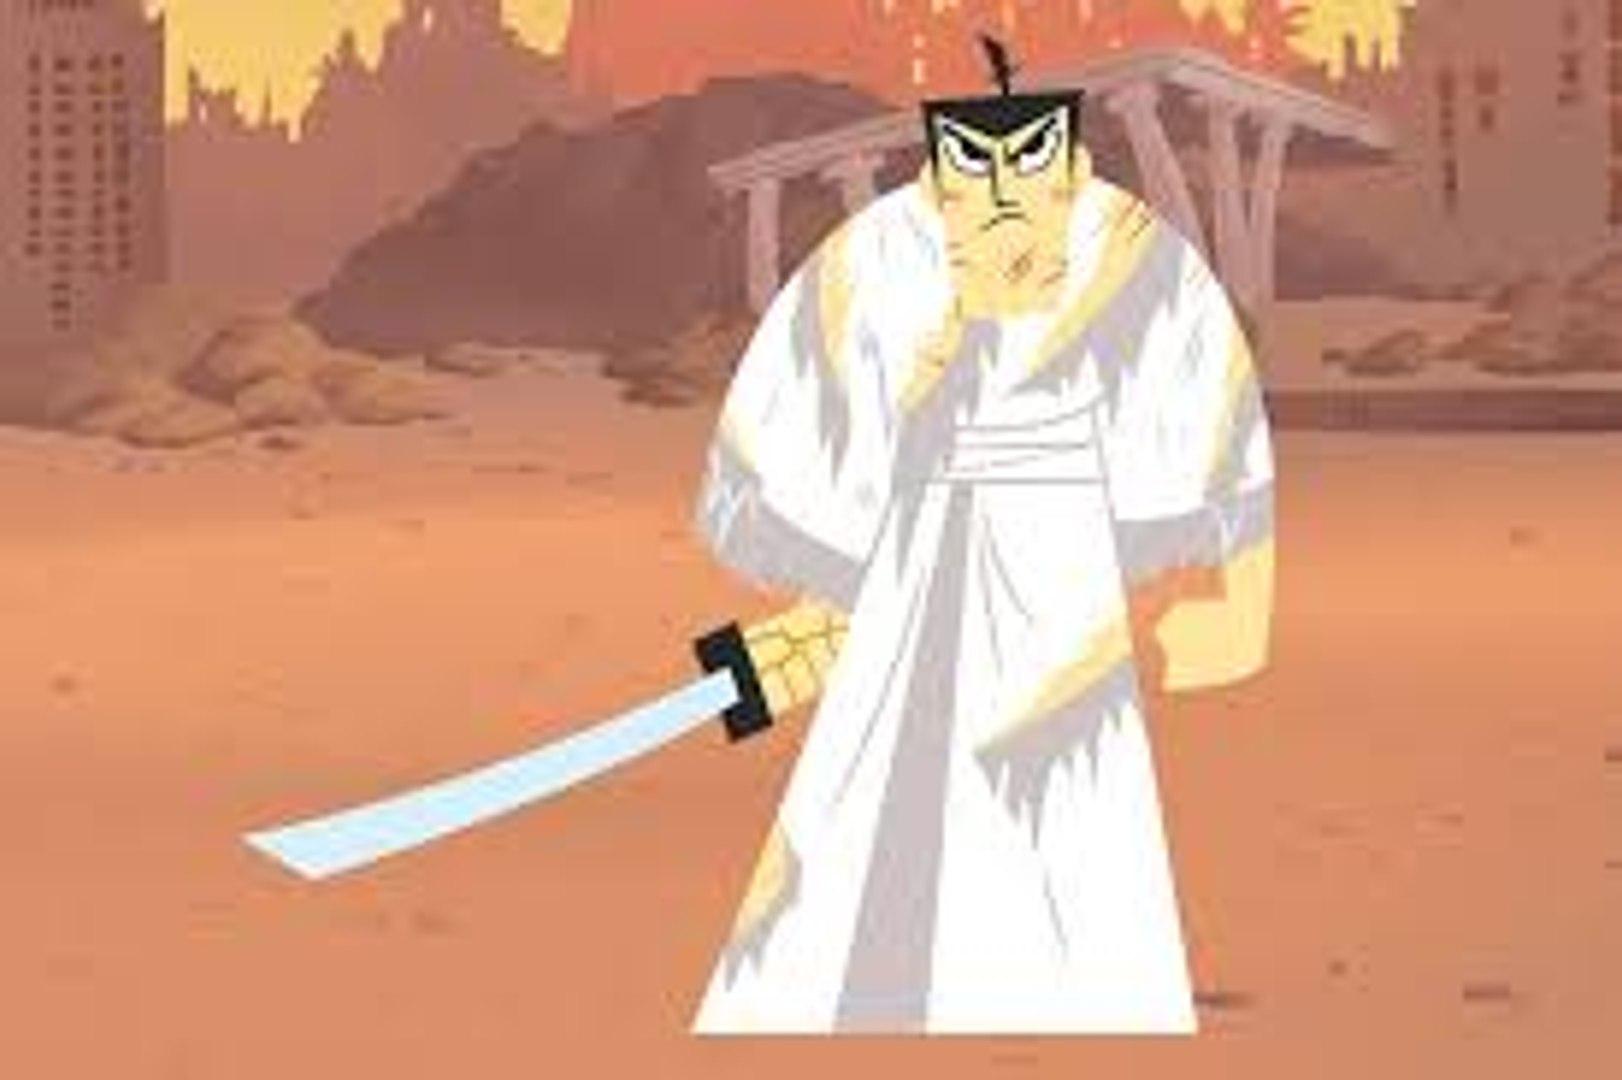 Samurai Jack Season 5 Episode 5 : XCVI English Full Episode Online Free Download,